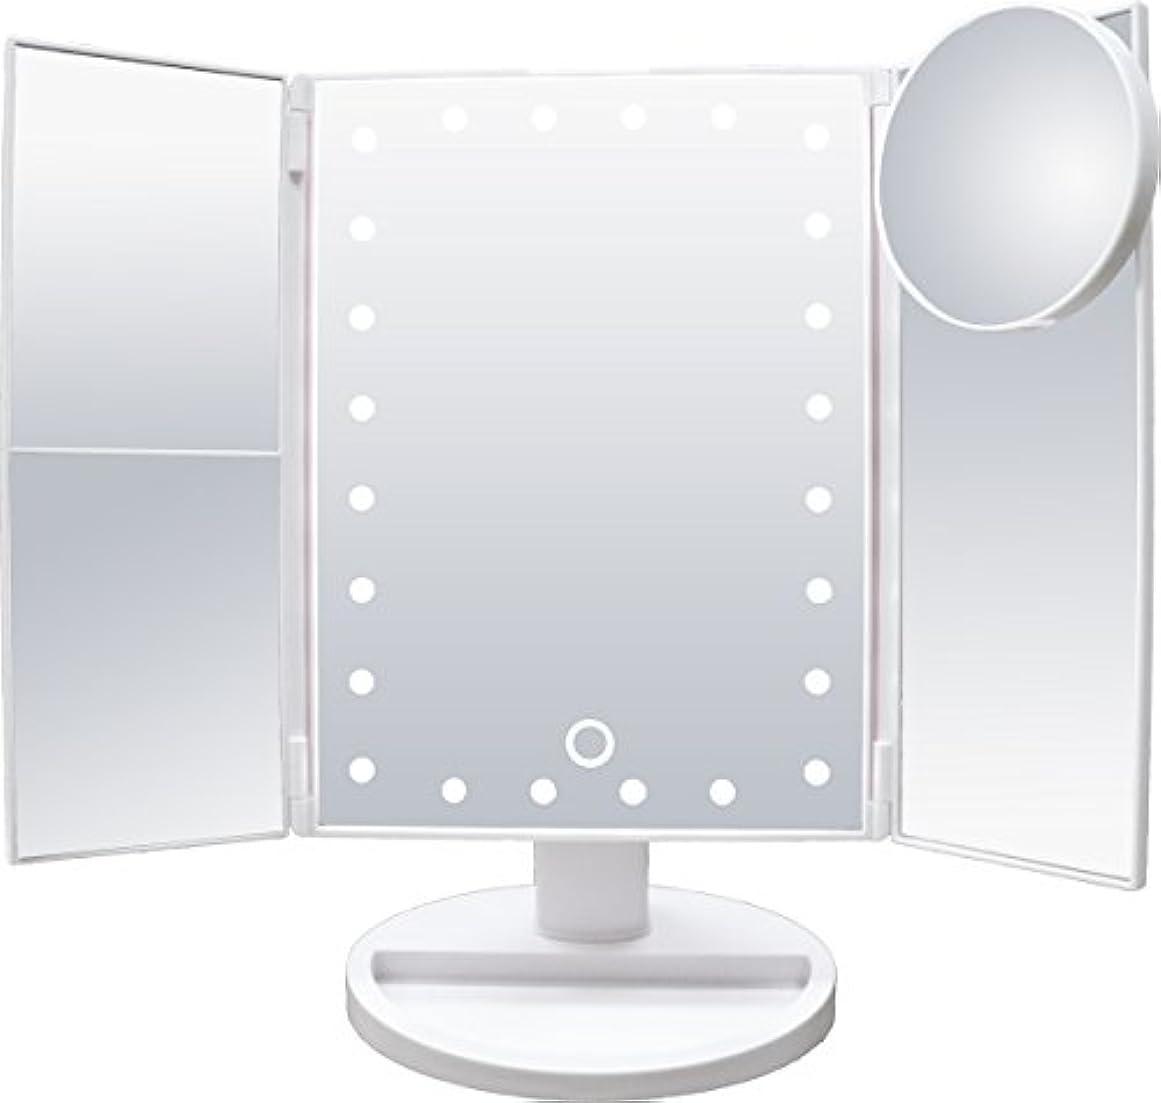 サスペンドカウボーイスーツケースsantasan LED化粧鏡 24灯LED 女優ミラー 15倍拡大鏡付き 卓上 折り畳み式 三面鏡 (ホワイト)